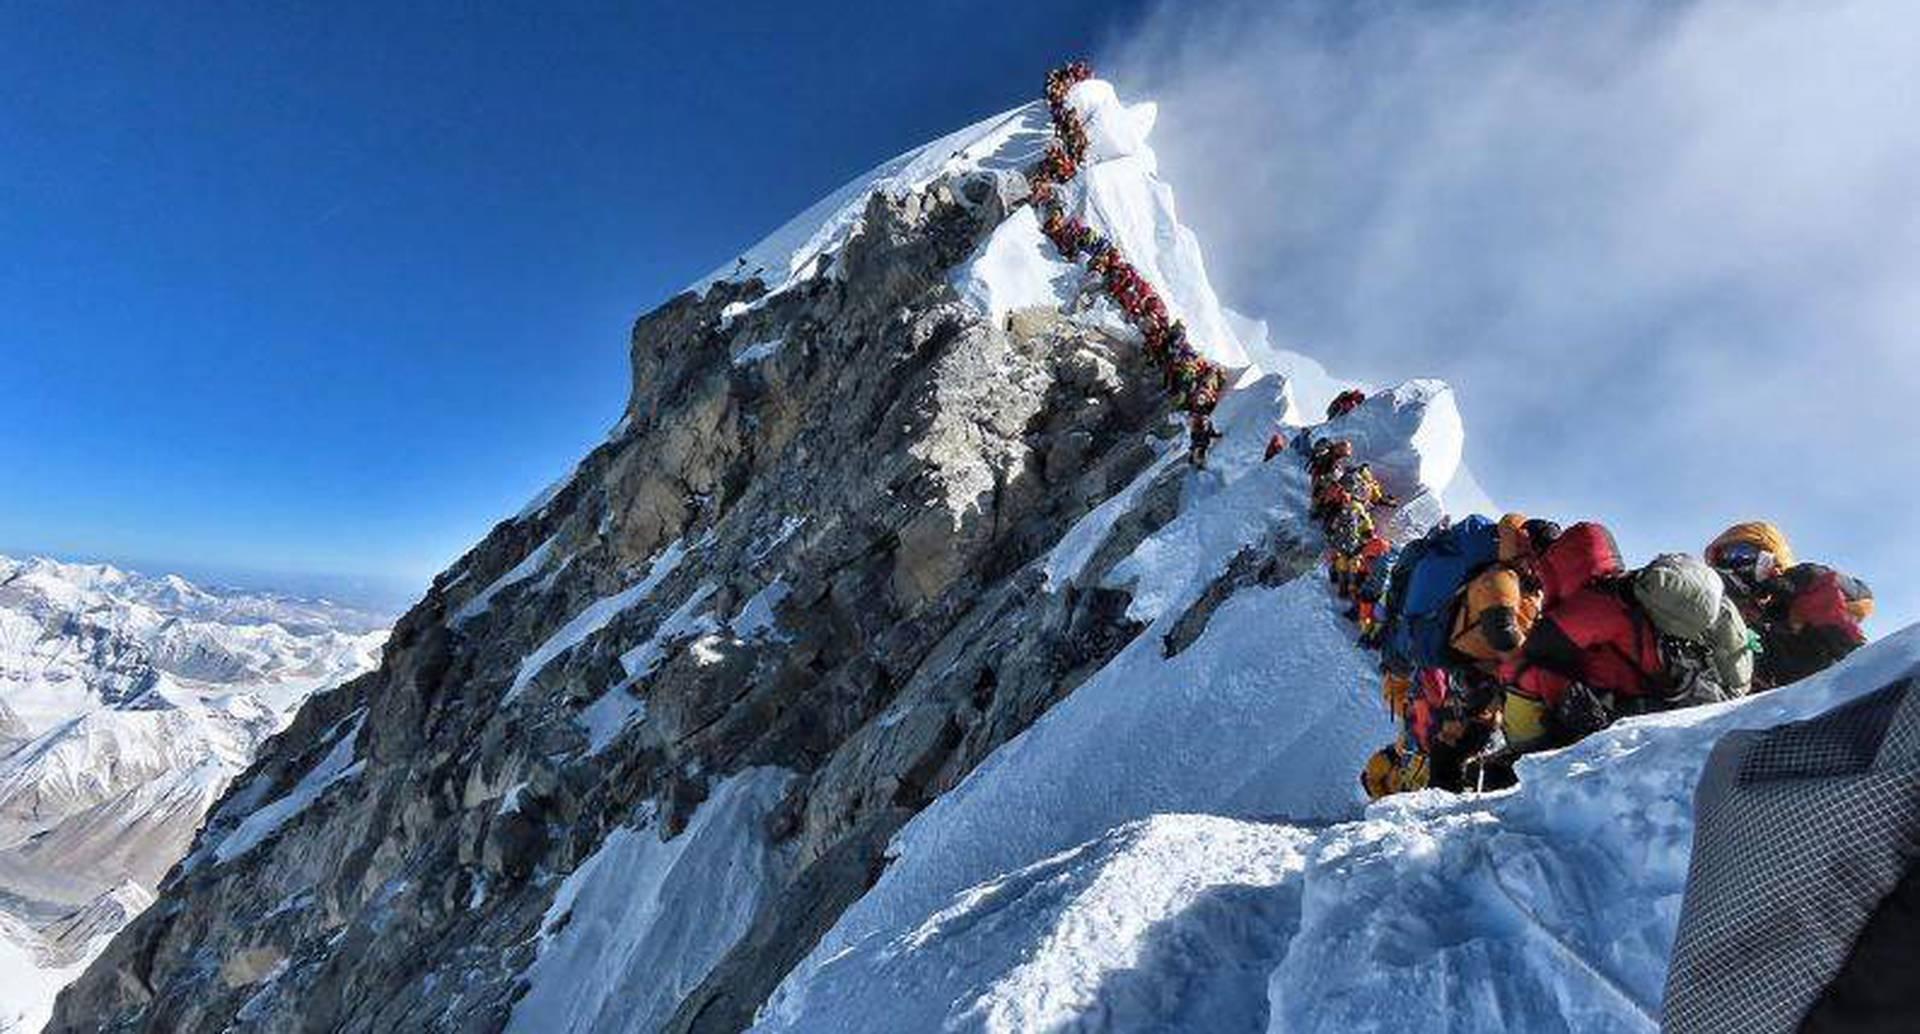 22 de mayo - Esta fotografía muestra el intenso tráfico de montañistas que se alinean para pararse en la cima del Monte Everest. Muchos equipos tuvieron que hacer fila durante horas para llegar a la cumbre, arriesgándose a las heladas y el mal de altura. FOTO:  Folleto / Proyecto Posible / AFP